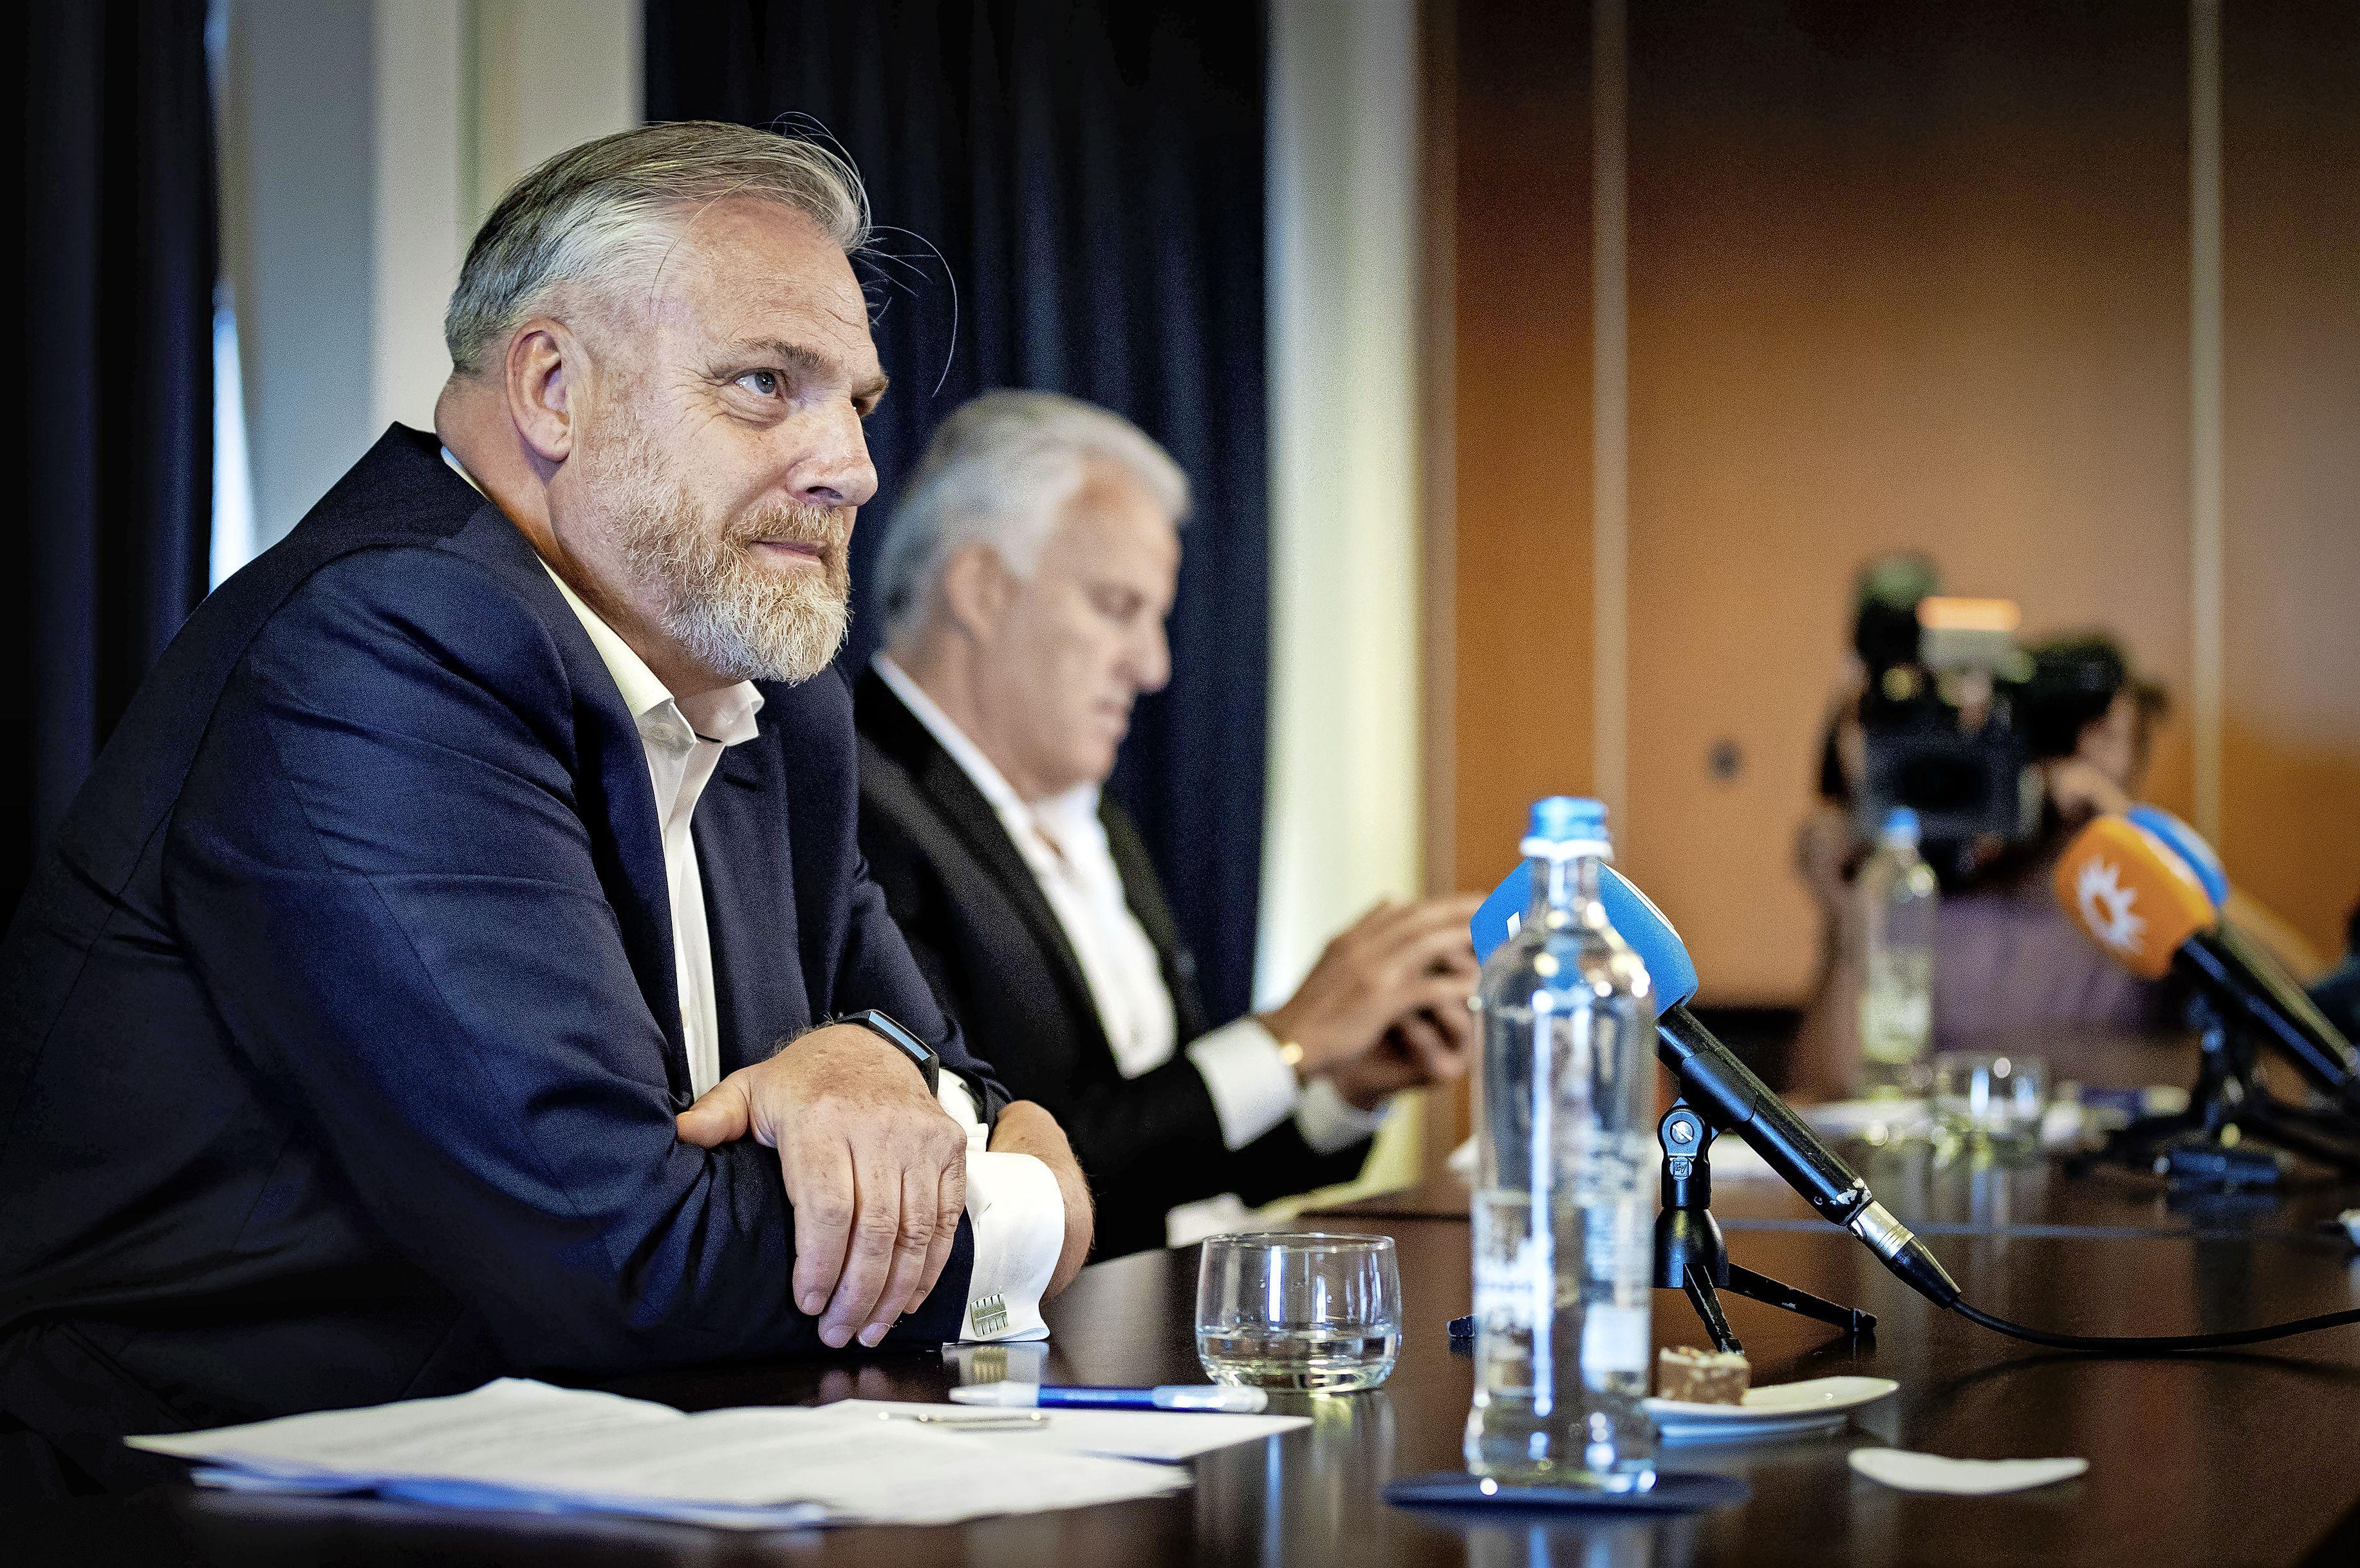 Half miljoen euro ingezameld voor gouden tip in zaak Tanja Groen